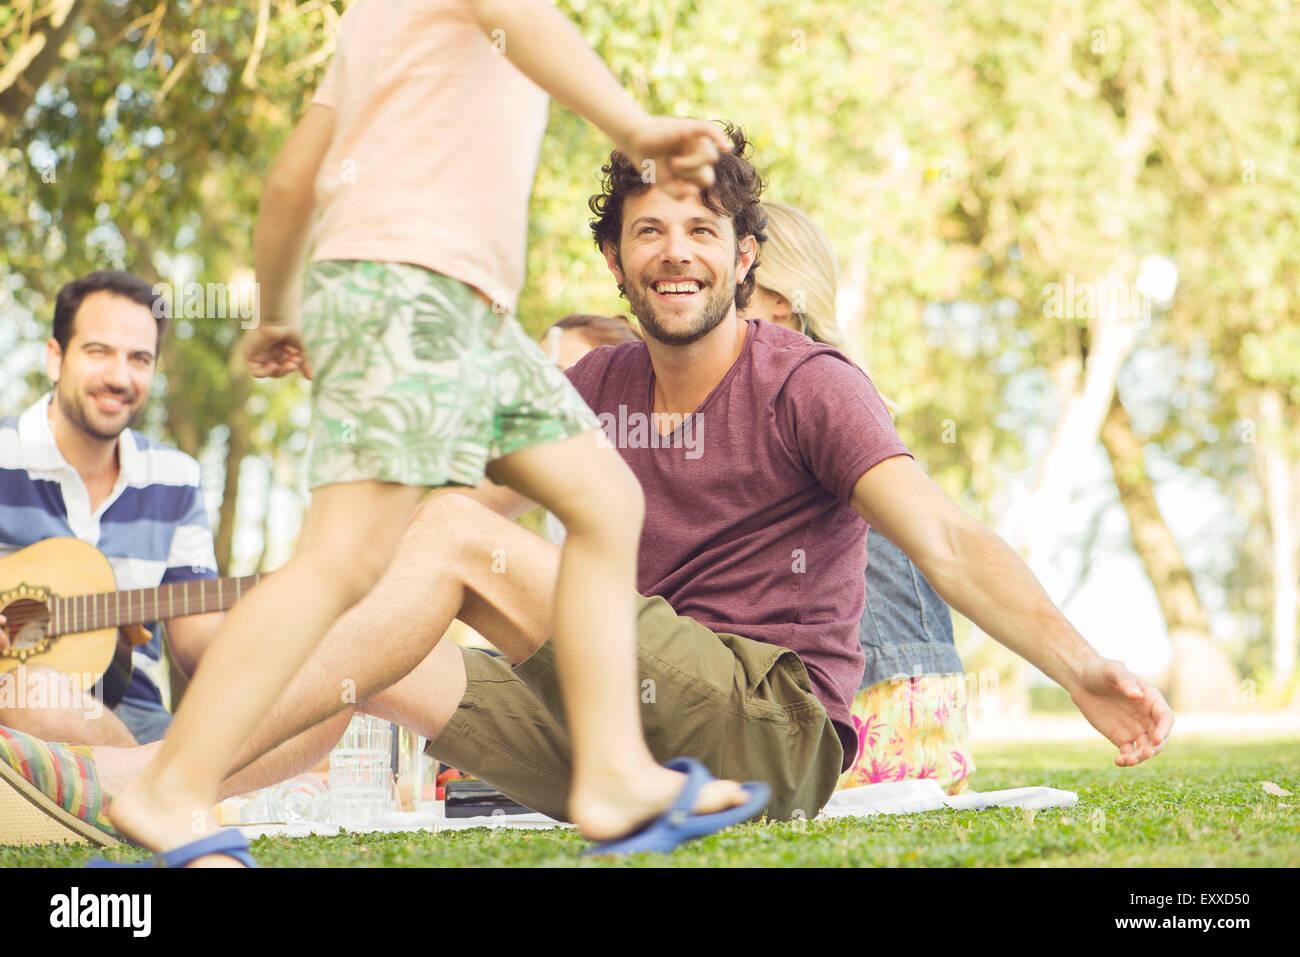 Mann beim Picknick beobachten Kinder spielen Stockbild